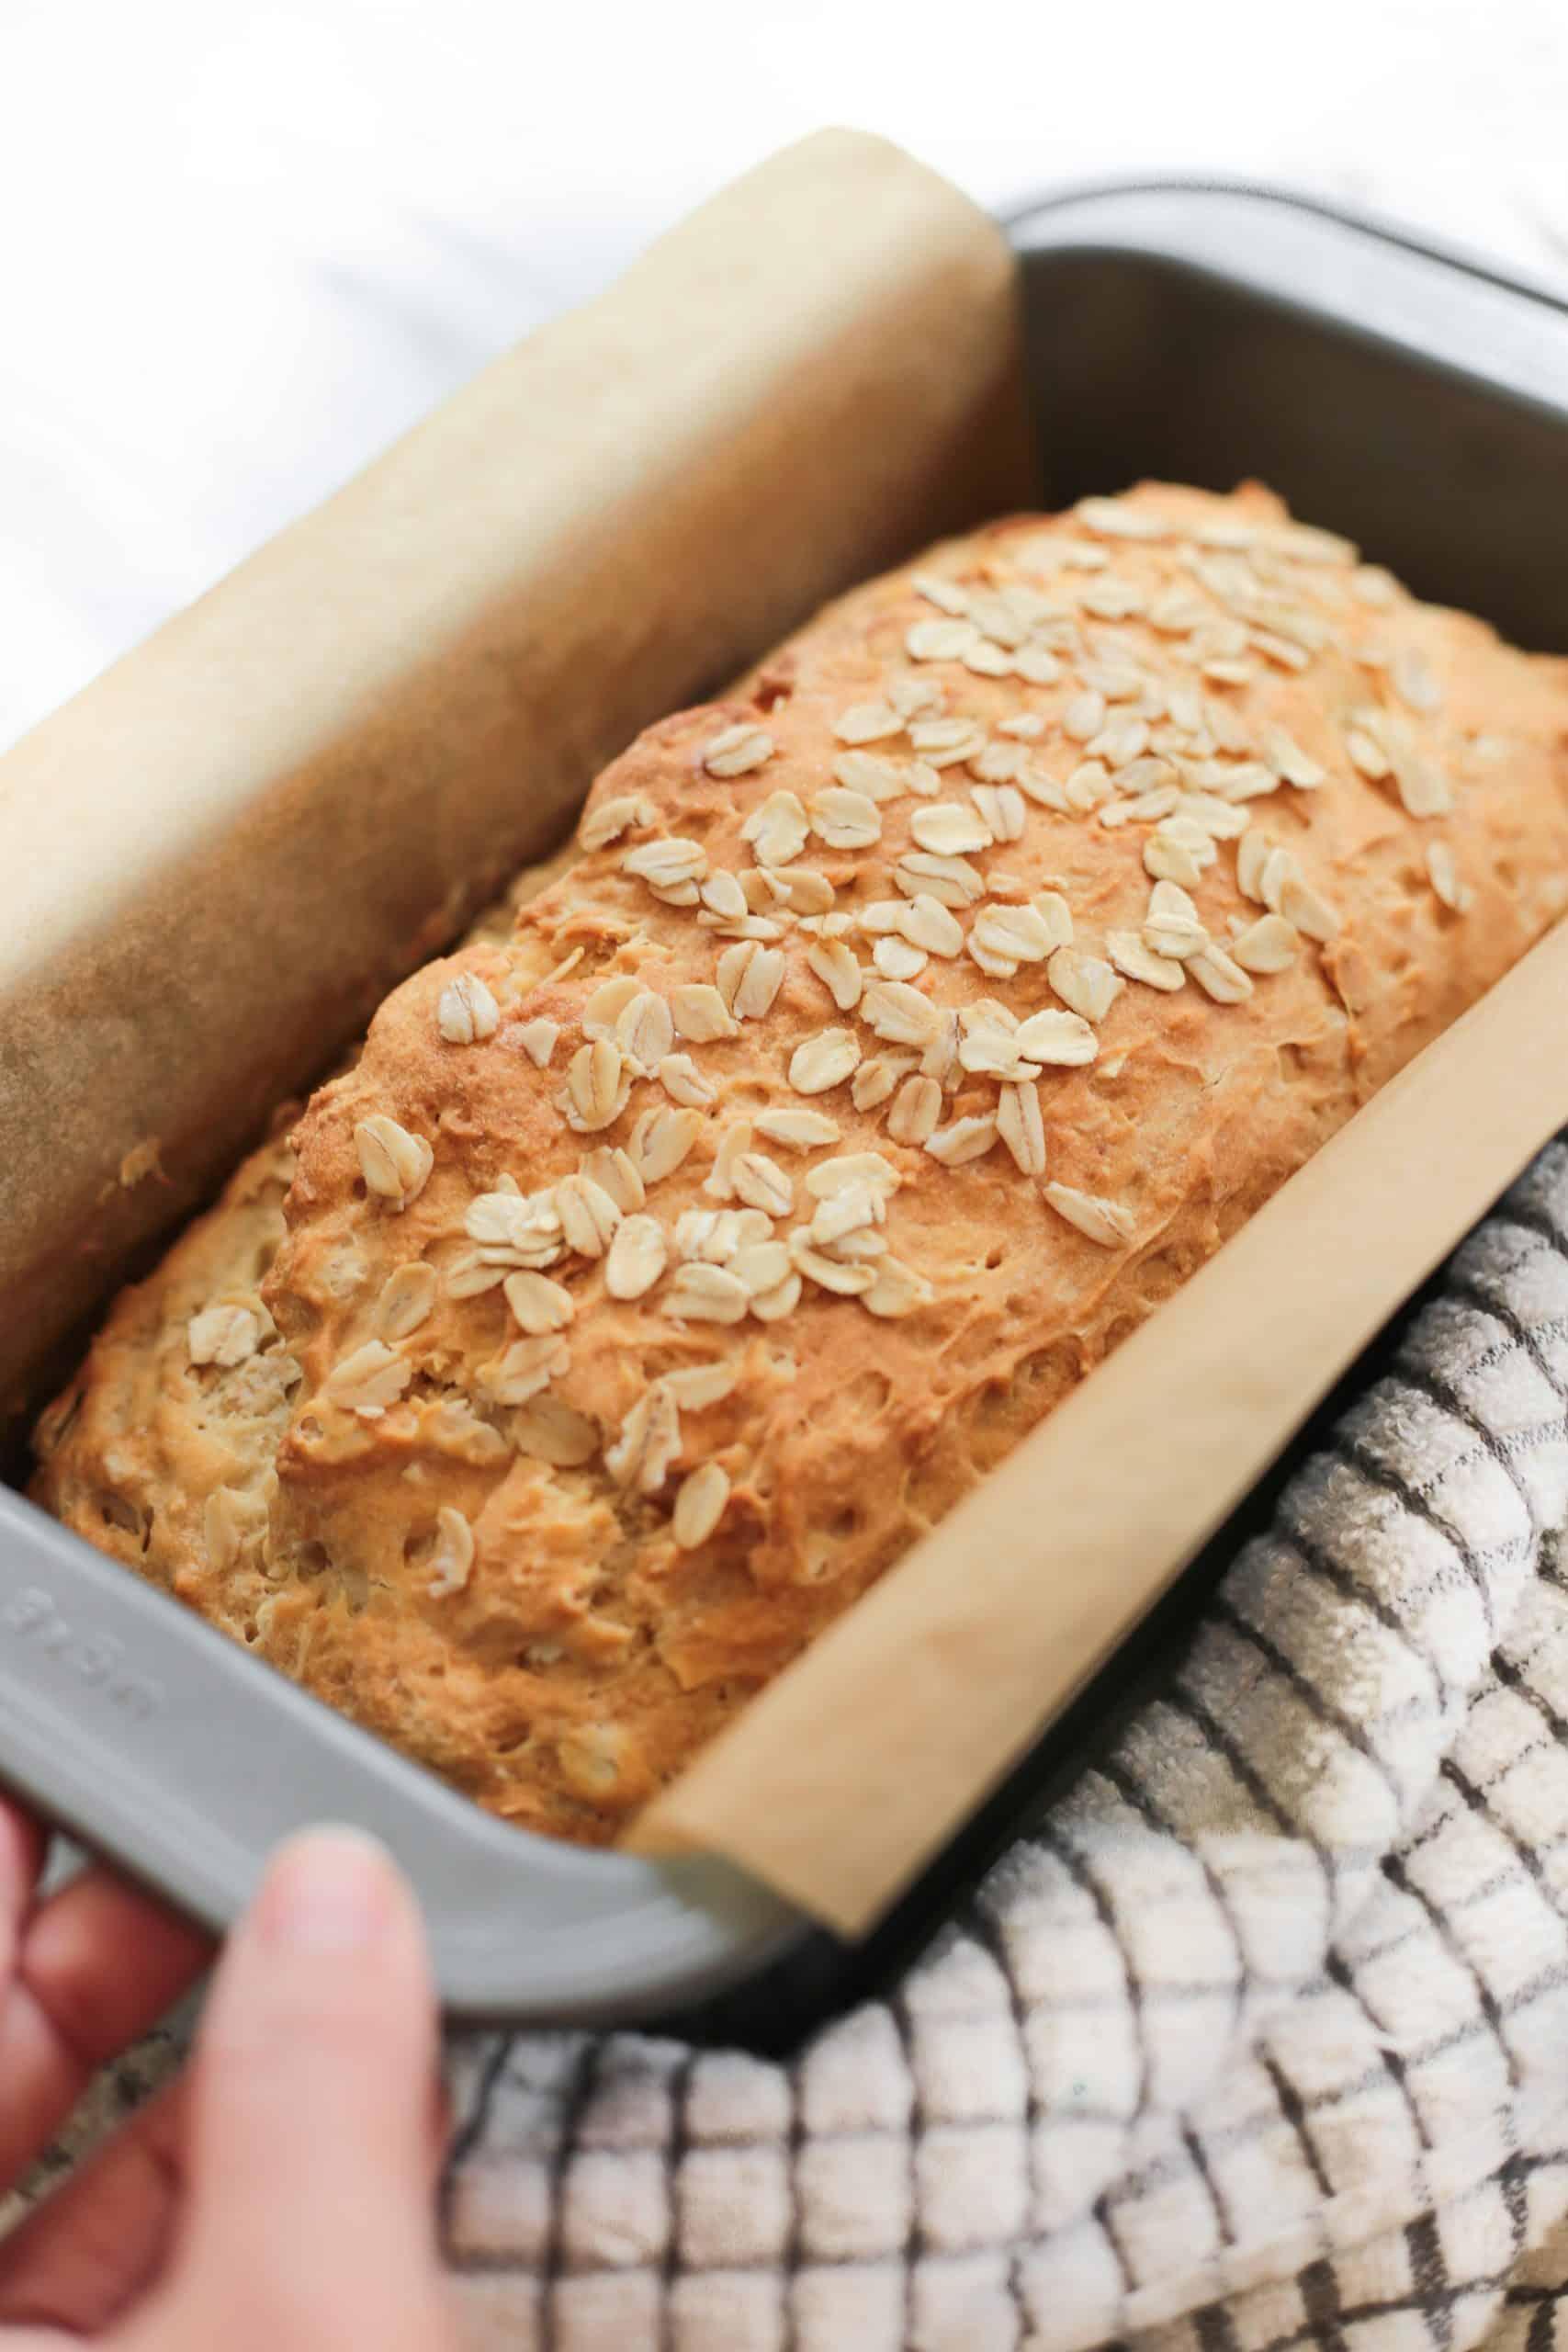 Freshly baked honey oat bread in a pan.